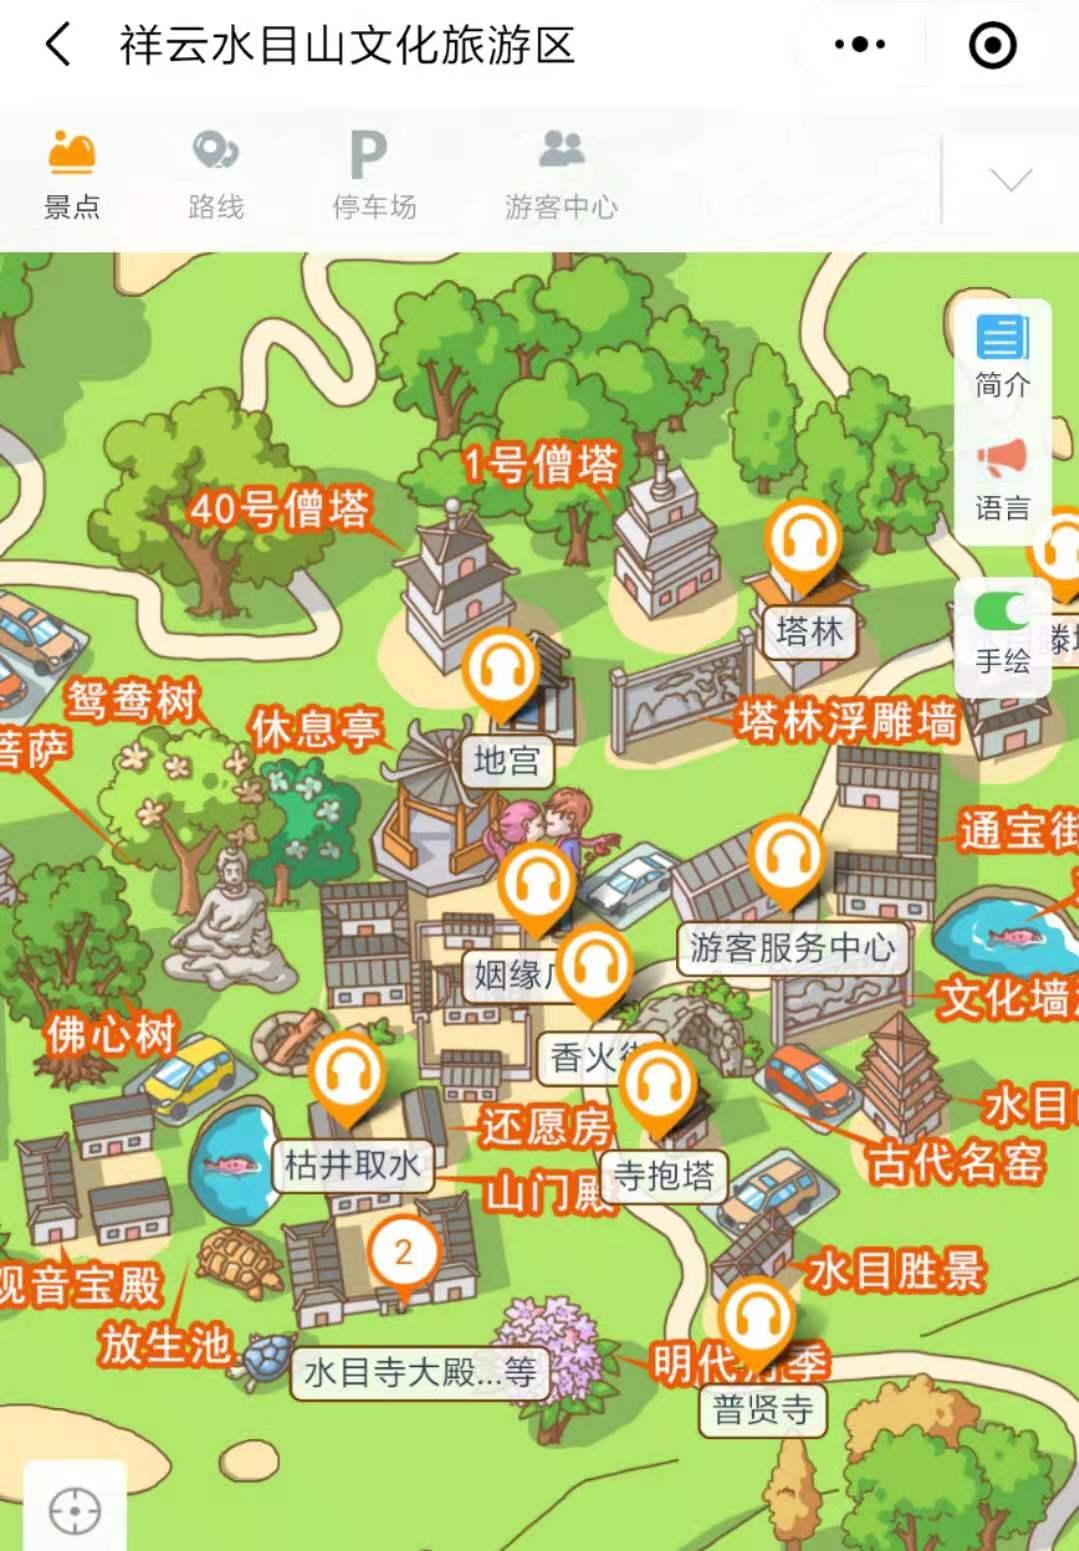 云南大理祥云水目山景区语音讲解、手绘地图、电子导览等智能导览系统正式上线.jpg